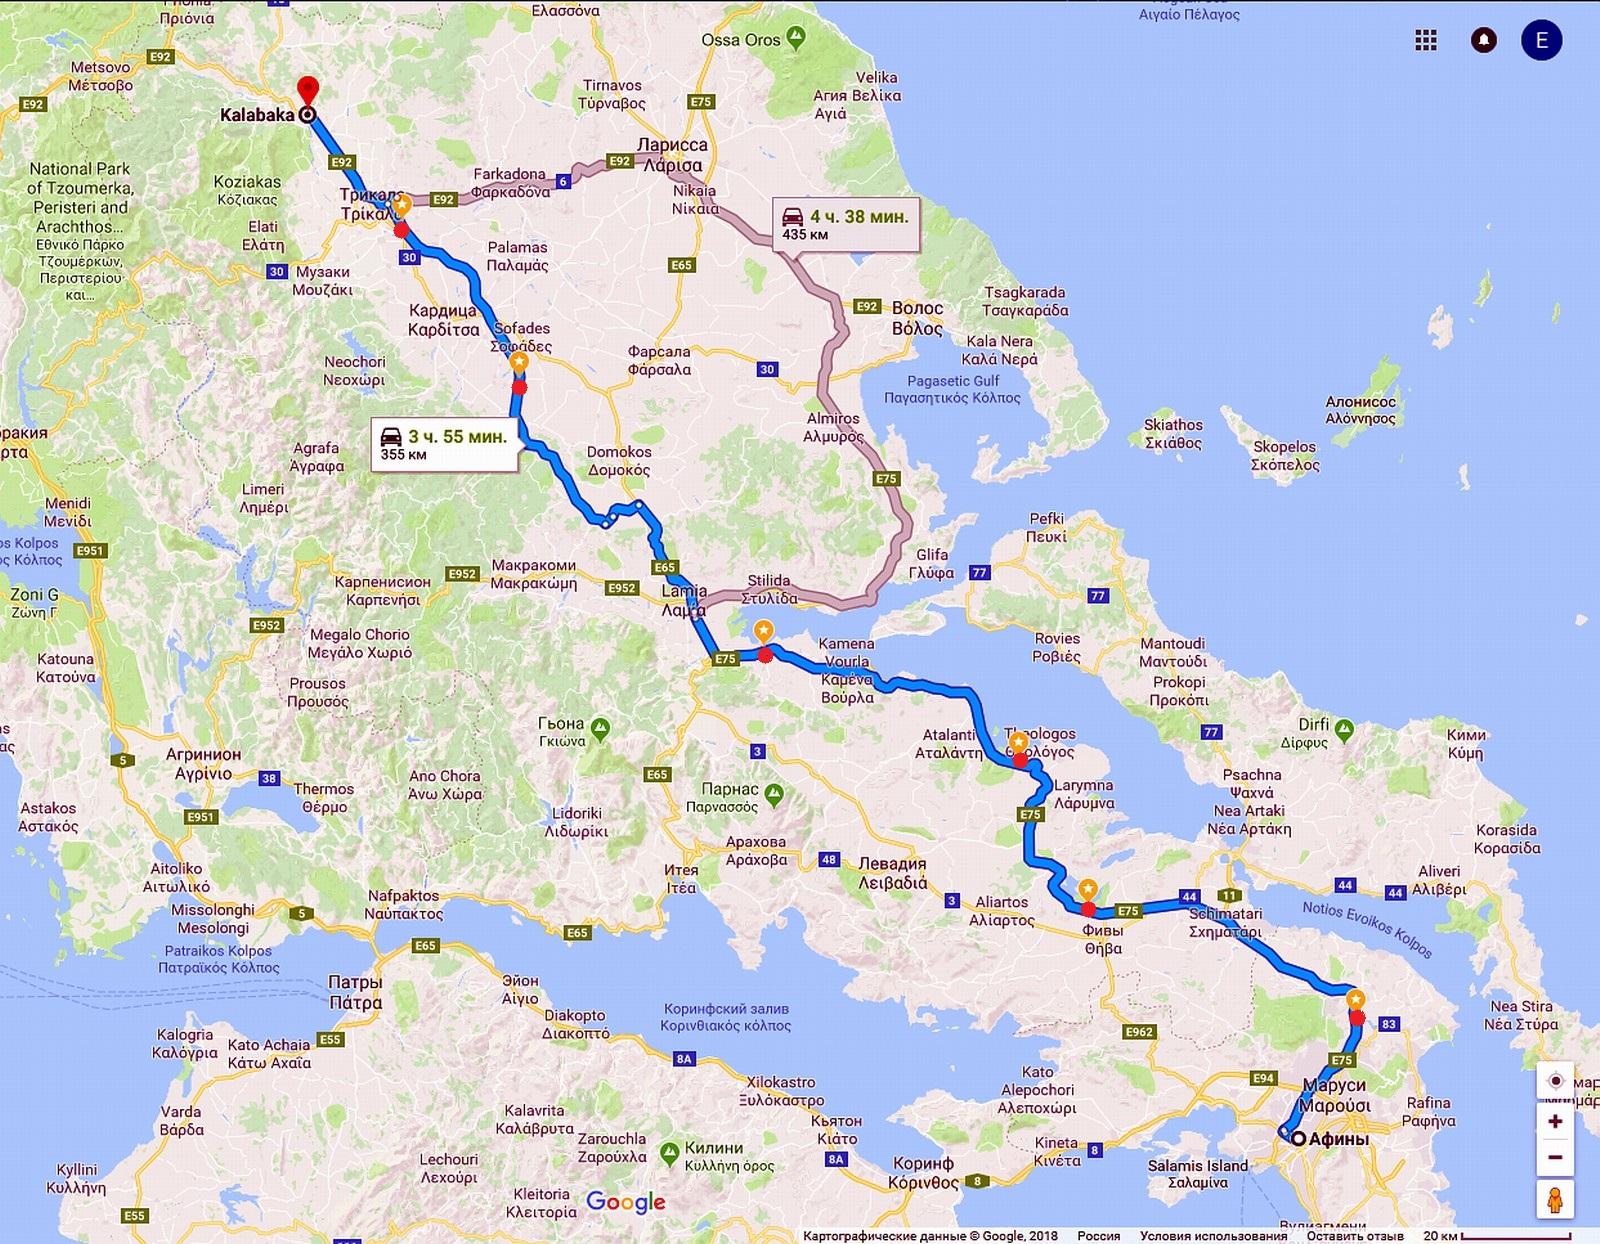 Дорога из Афин до Каламбаки и монастырей Метеора в Греции